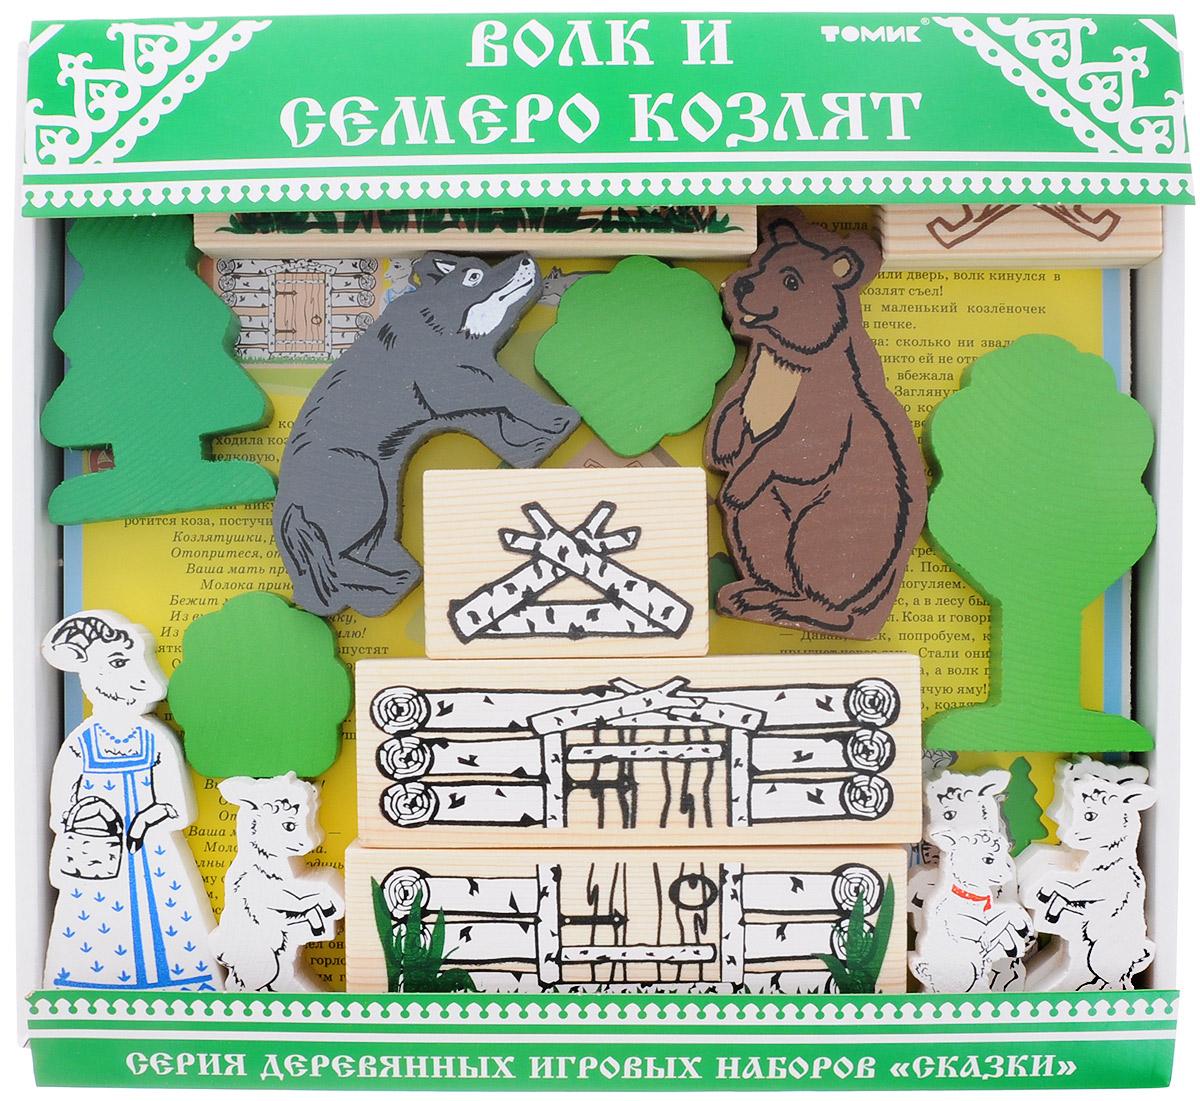 Томик Конструктор Волк и семеро козлят4534-5Конструктор Томик Волк и семеро козлят даст возможность почувствовать себя частью сказки! В комплект входят фигурки животных (коза, семь козлят, волк и медведь), и элементы окружающей обстановки. Не секрет, что наши дети очень любят сказки. И не просто их слушать или смотреть, но и принимать в них самое активное участие. Например, в качестве актера или режиссера собственной сказочной истории. Ведь это так здорово - придумать сказку самому! Такая сюжетная игра, особенно когда ребенок играет вместе с родителями - очень важный этап формирования его умственных способностей. Тут и сообразительность, фантазия, творческие способности, усидчивость, самостоятельность. А самое главное, такая игра стимулирует активную речь ребенка.